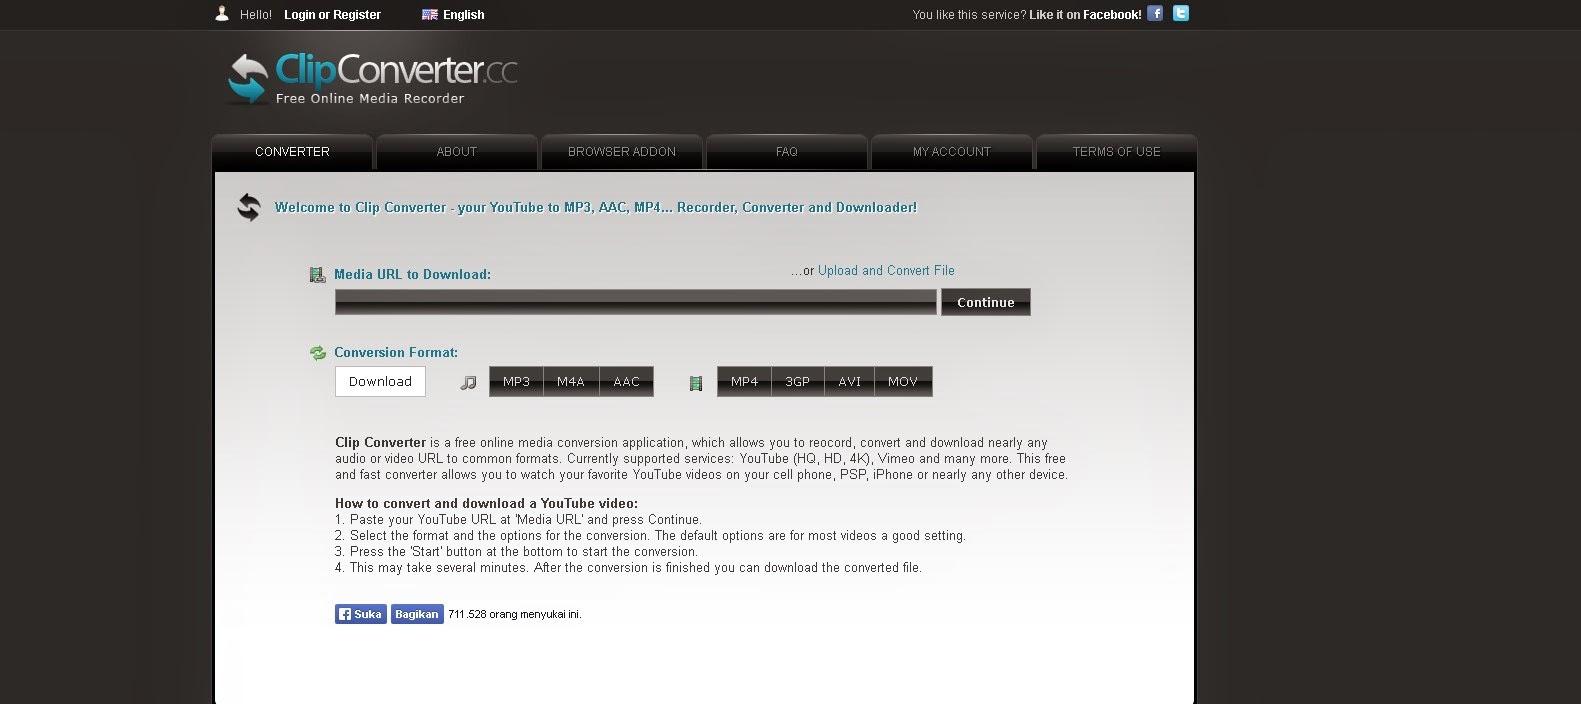 Situs Untuk Download Video Dari Youtube - Clipconverter